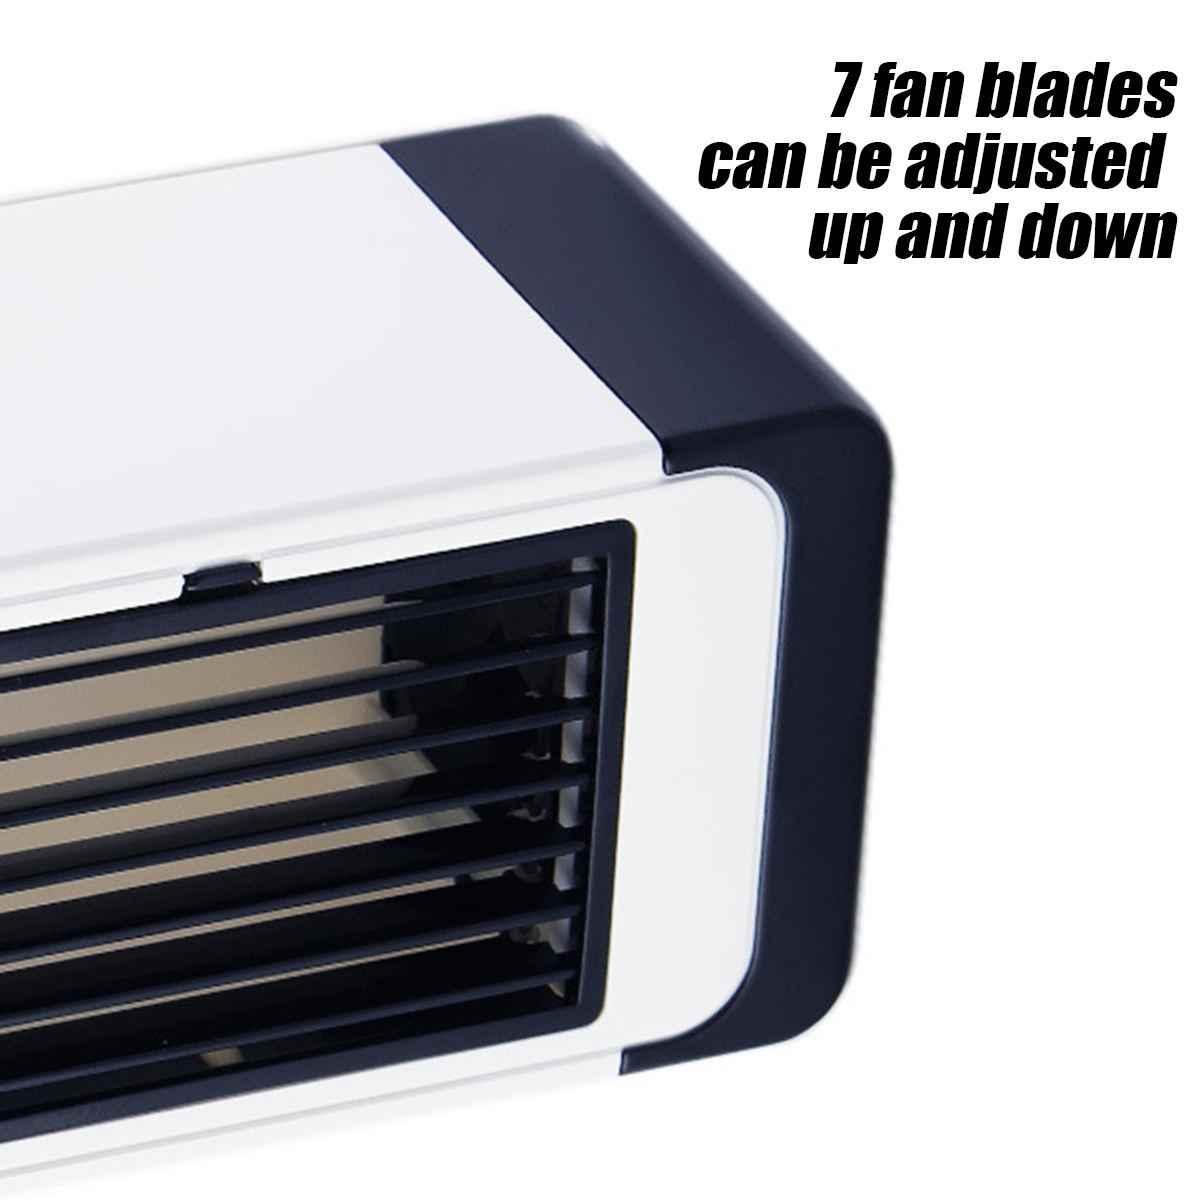 Домашний мини-кондиционер, портативный воздушный кулер, светодиодный USB персональный кулер, вентилятор воздушного охлаждения, перезаряжаемый Настольный вентилятор